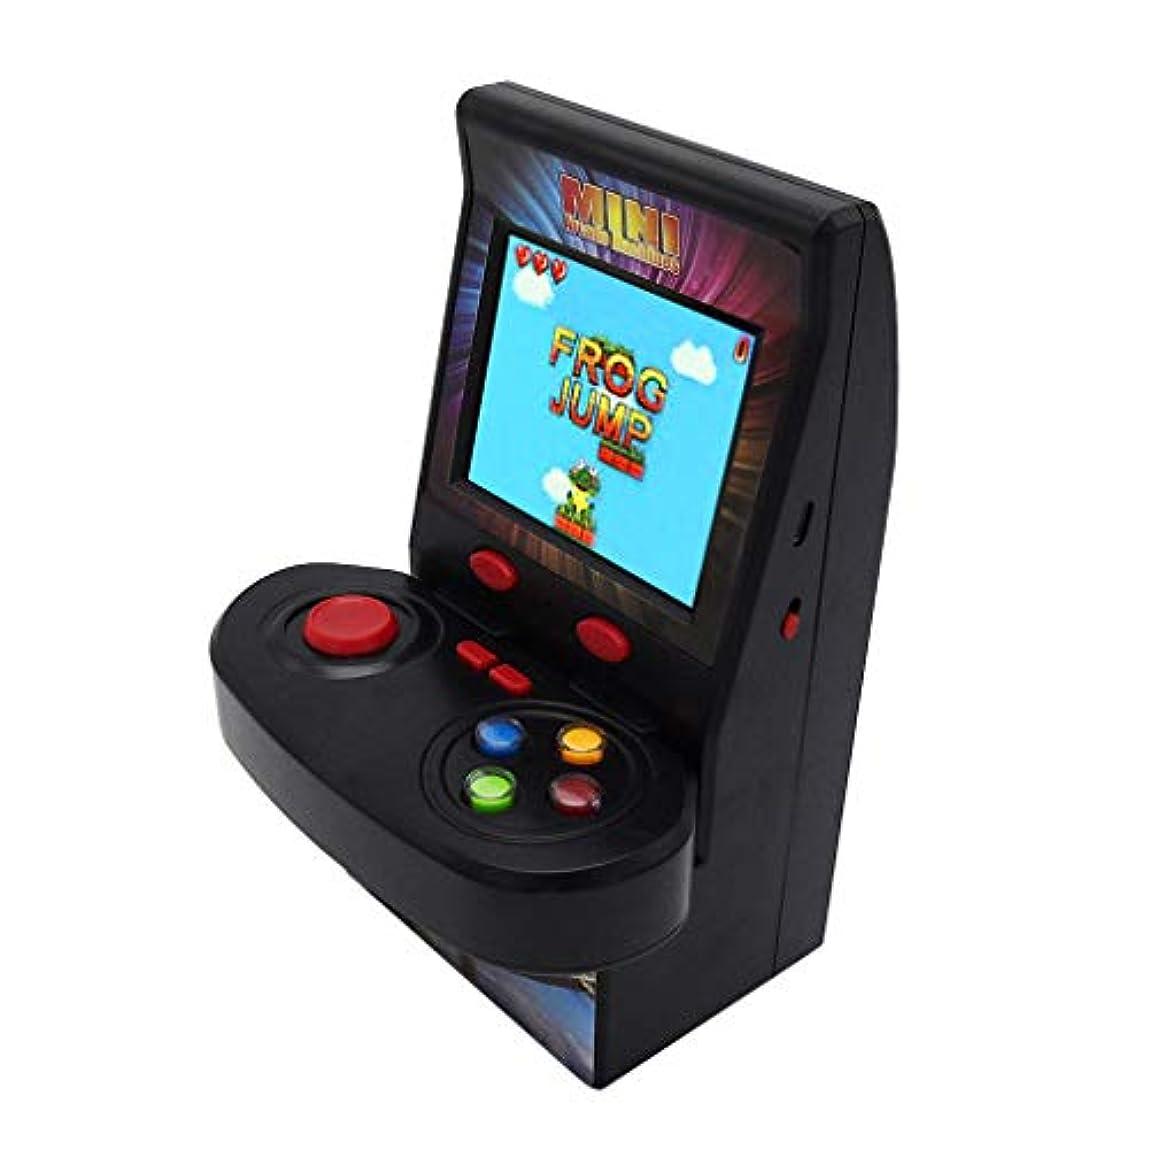 バズエンドテーブル呼吸する携帯ゲーム機 ゲームプレーヤー ワイヤレスジョイスティック アーケードゲーム コンソール シングルハンドル ゲームコンソール ノスタルジック100ゲームhuajuan